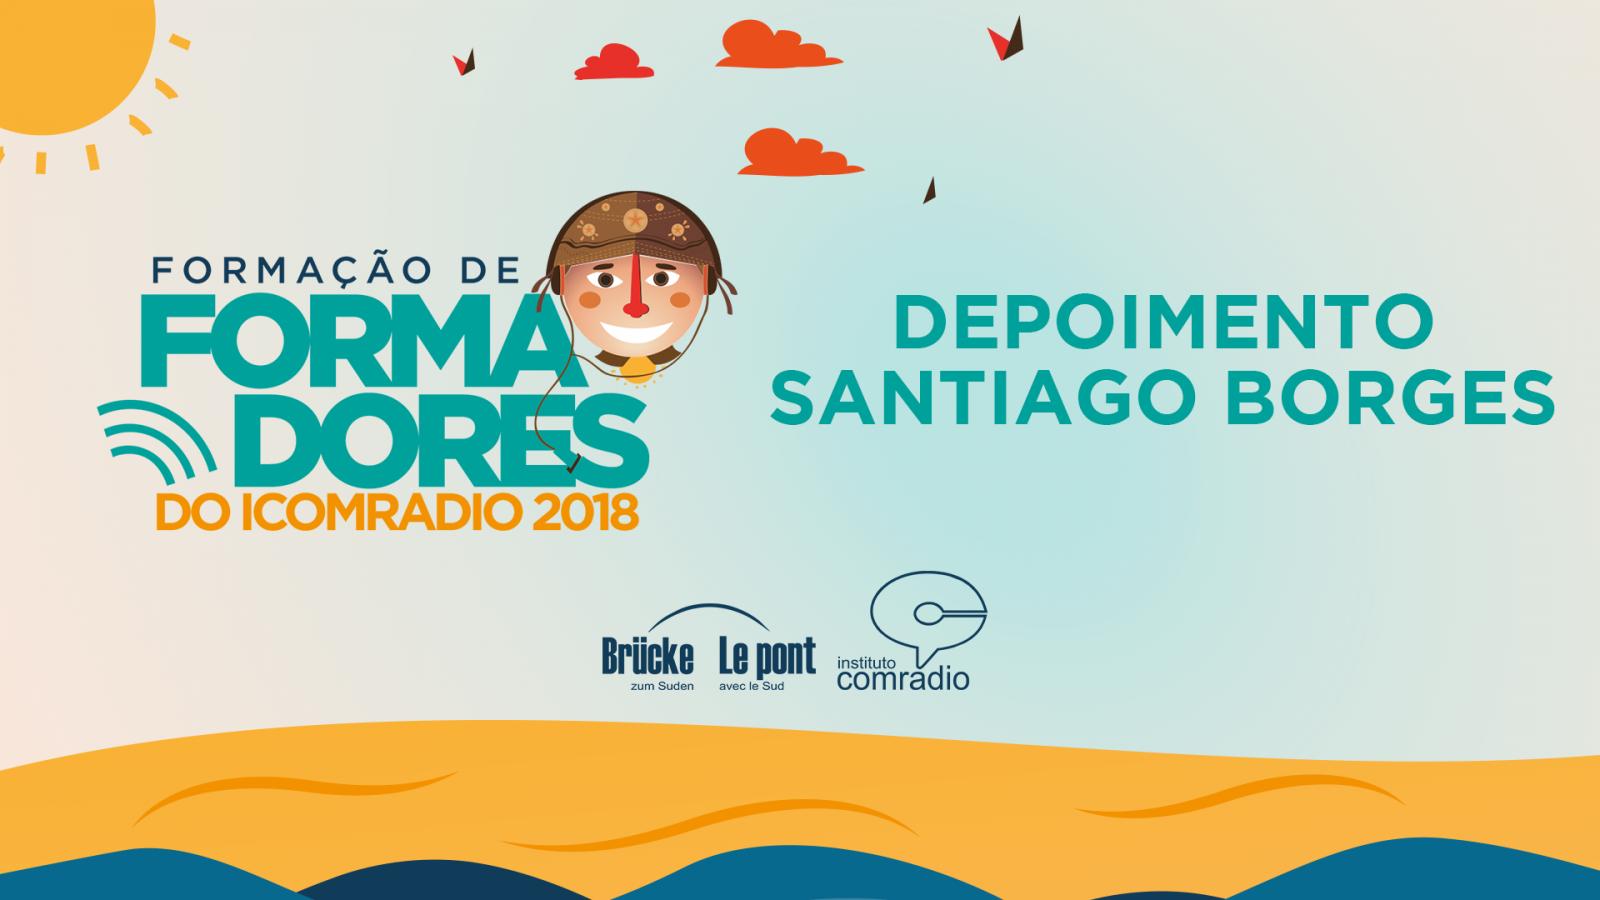 Depoimento Santiago Borges - Oficina de formação de formadores do IComradio